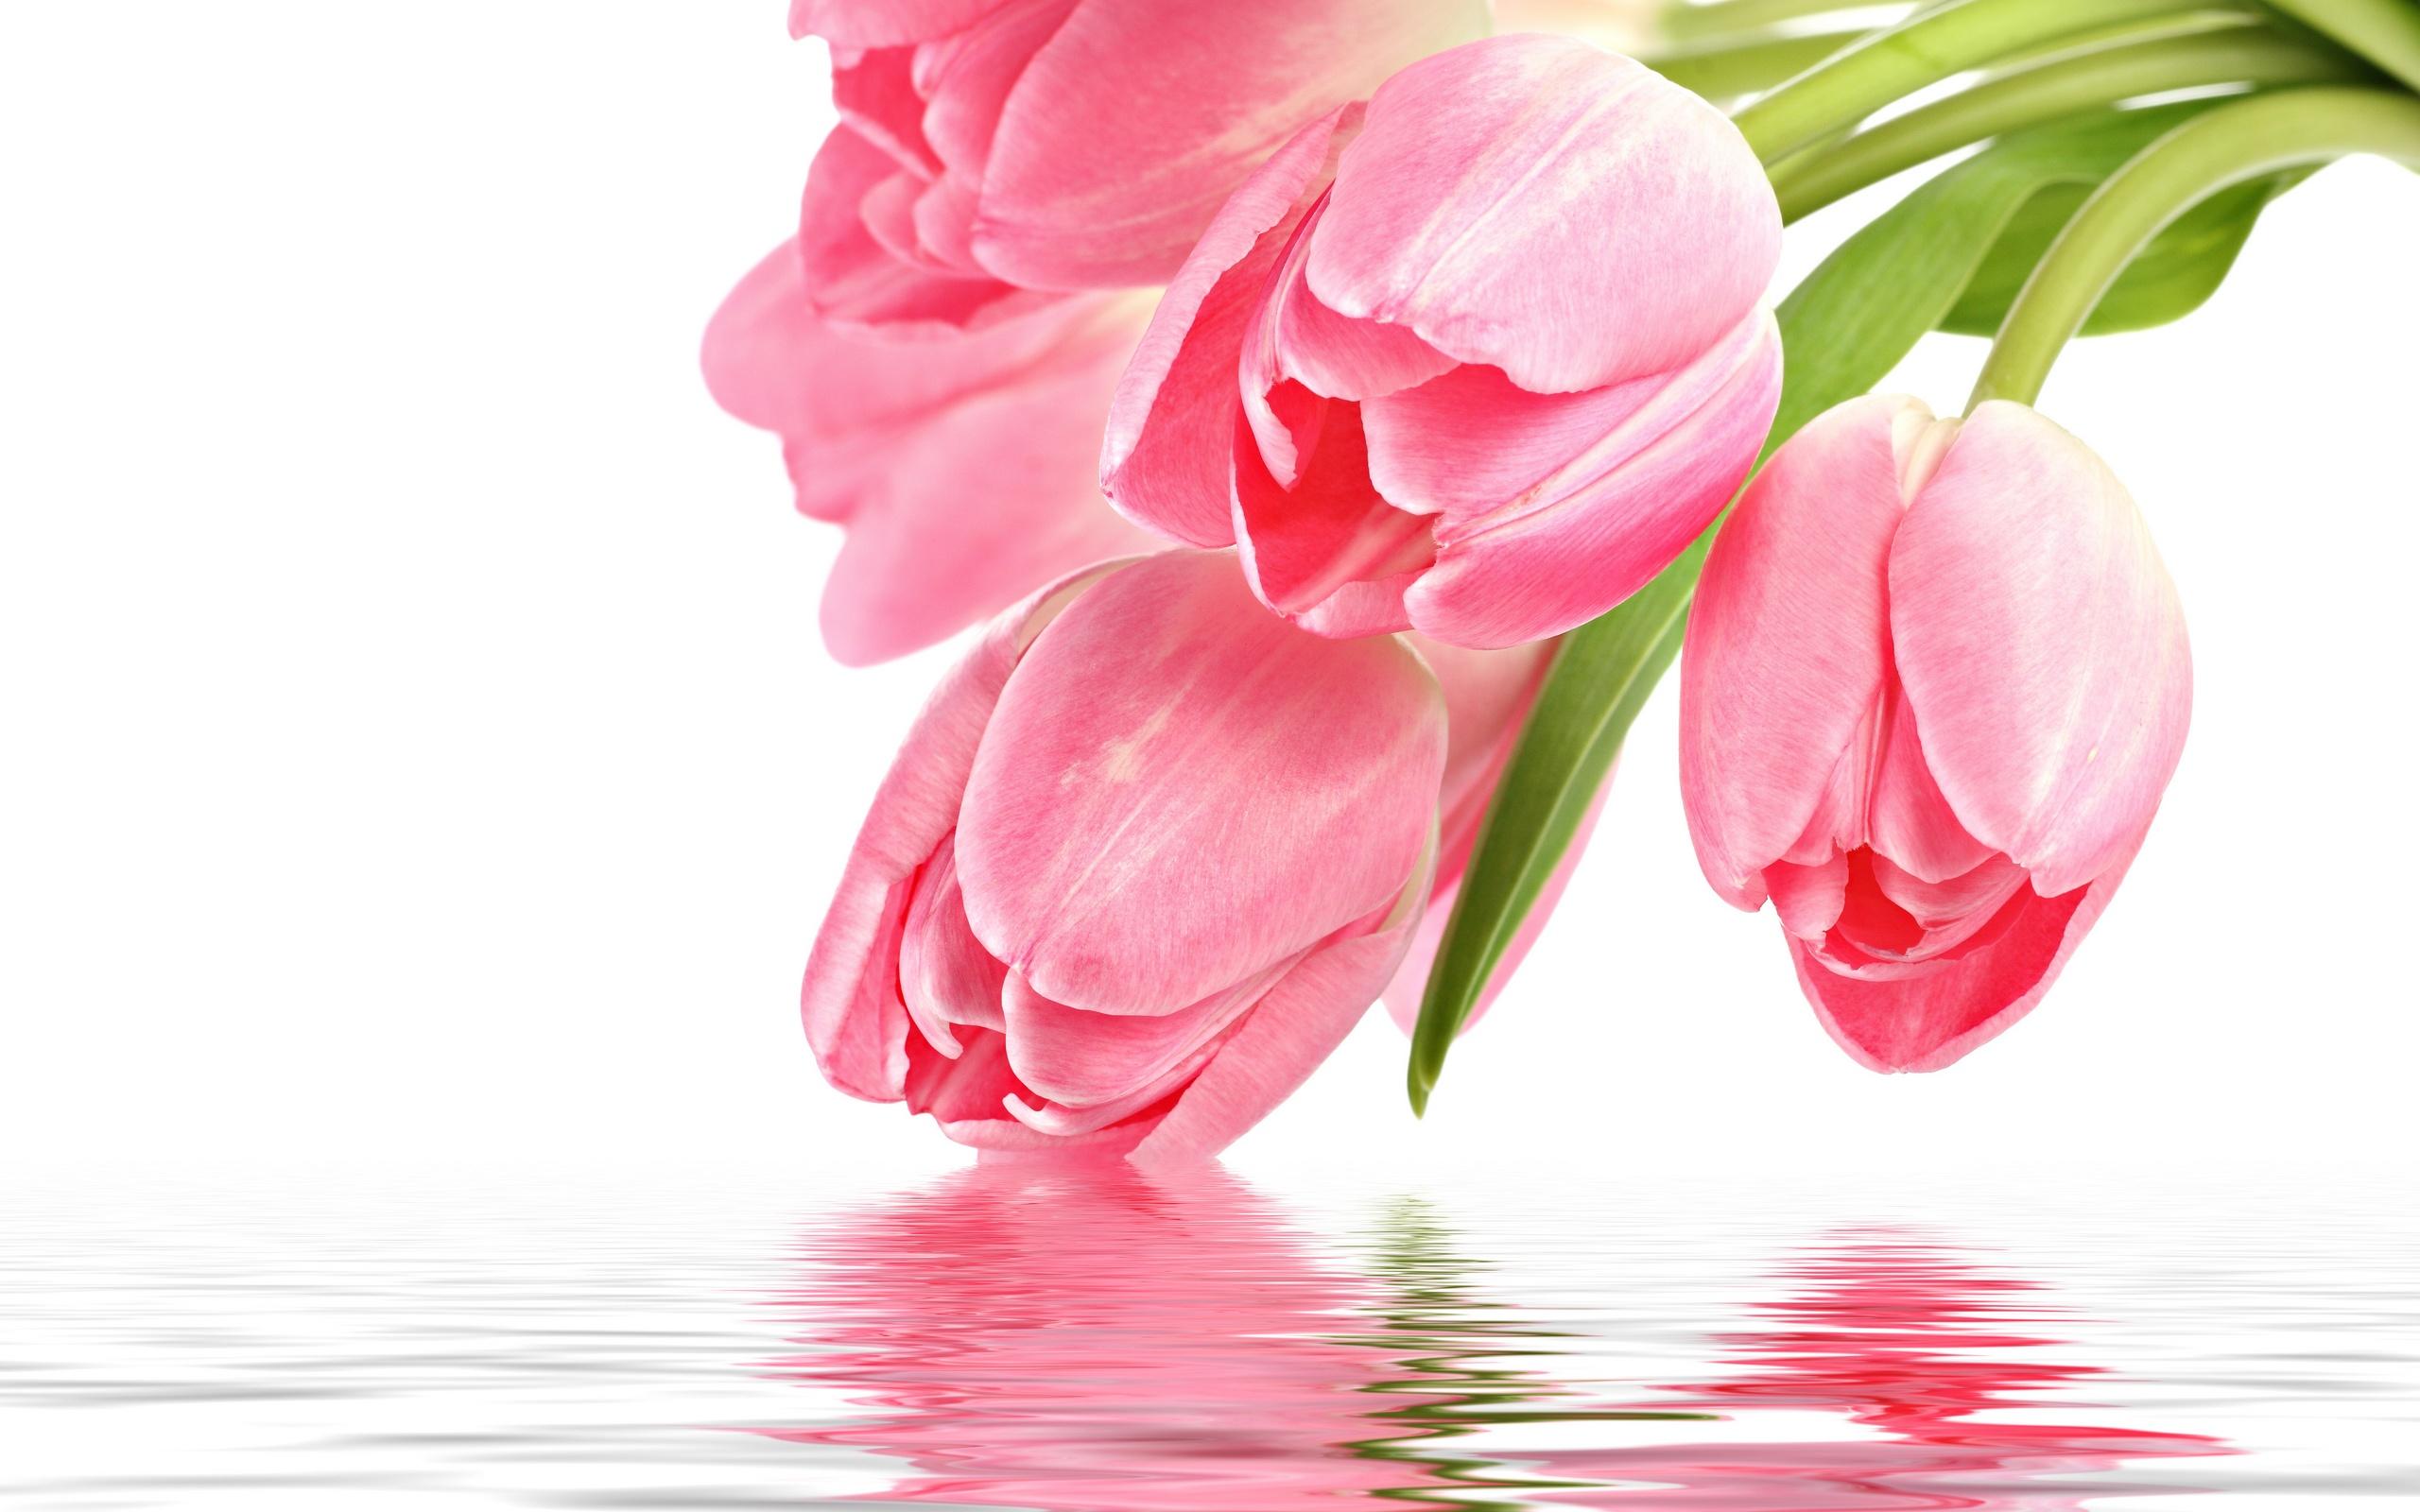 Pink Tulip Picture - HD Desktop Wallpapers